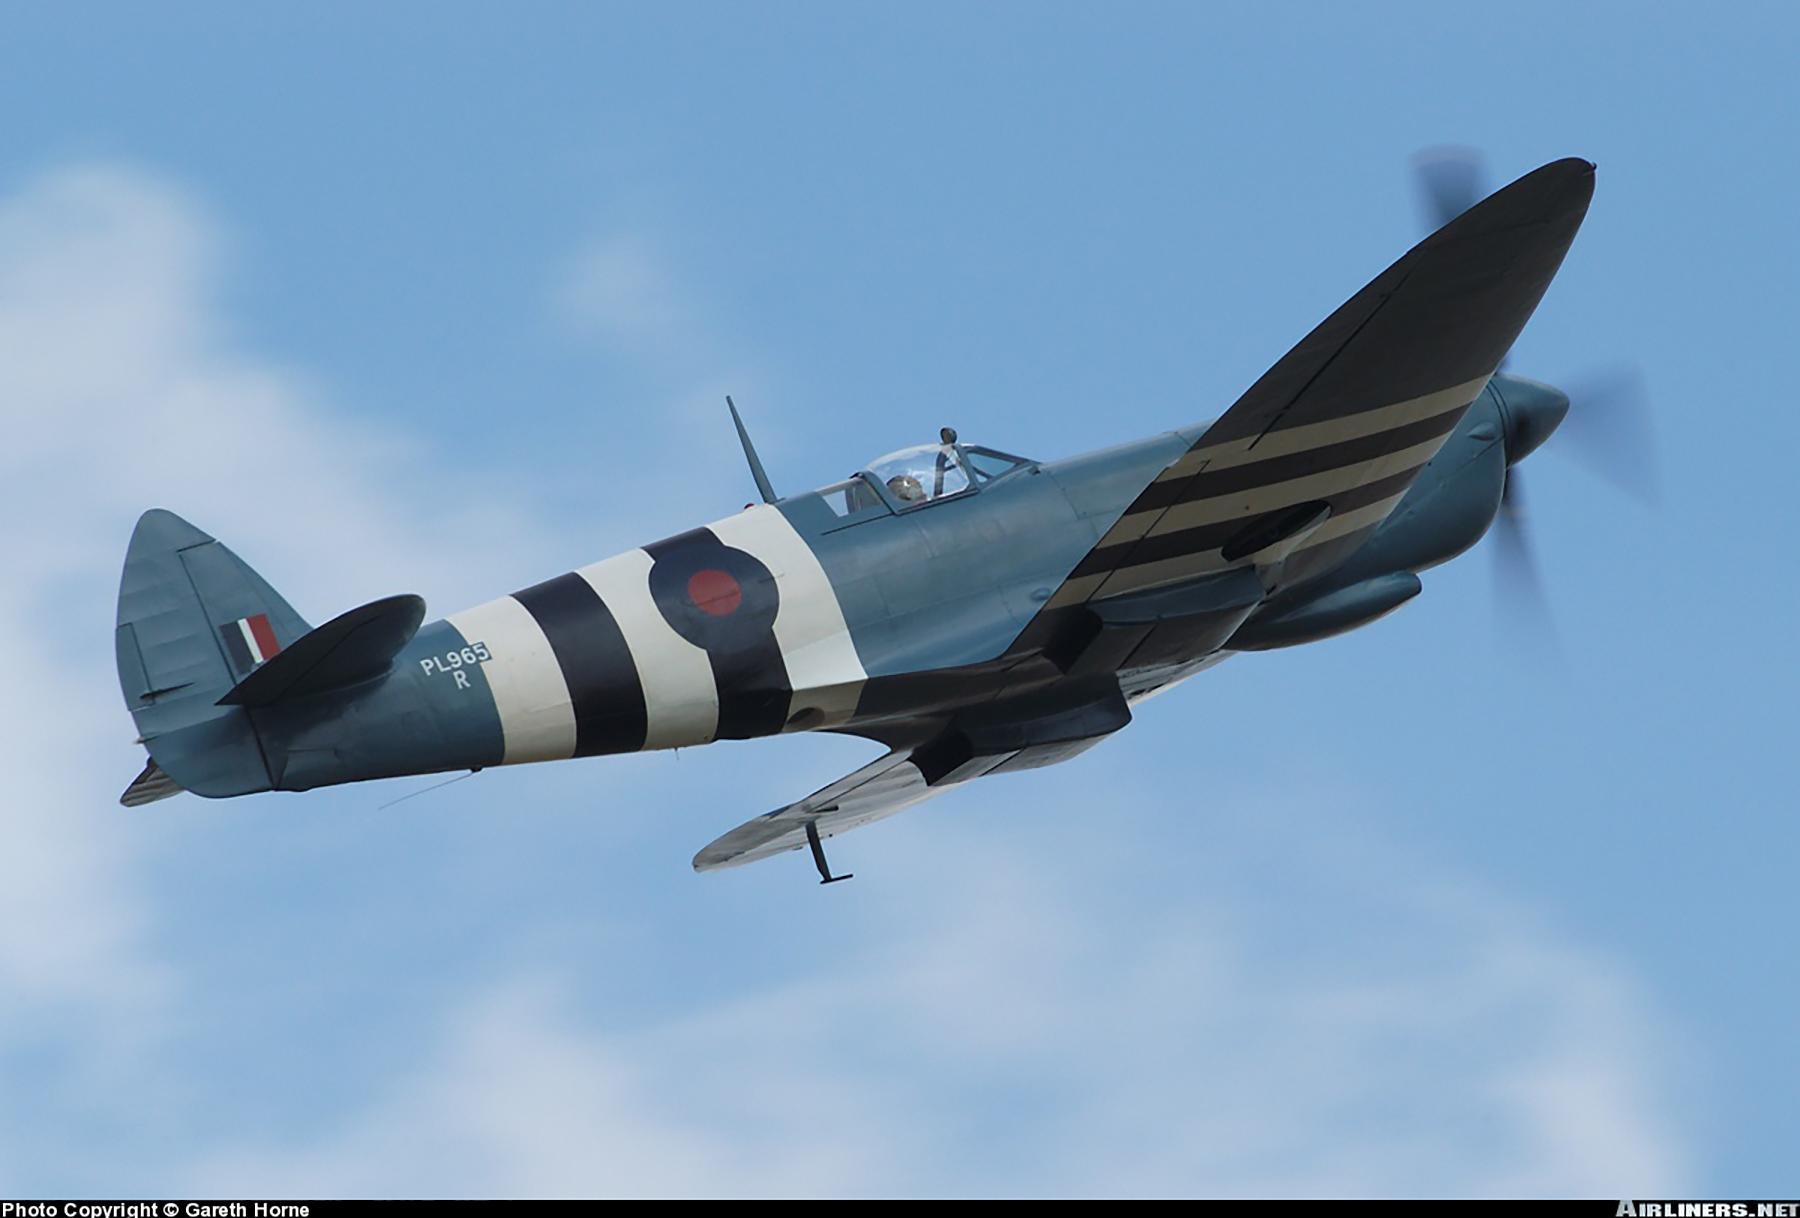 Airworthy Spitfire warbird PRXI RAF 16Sqn R PL965 43